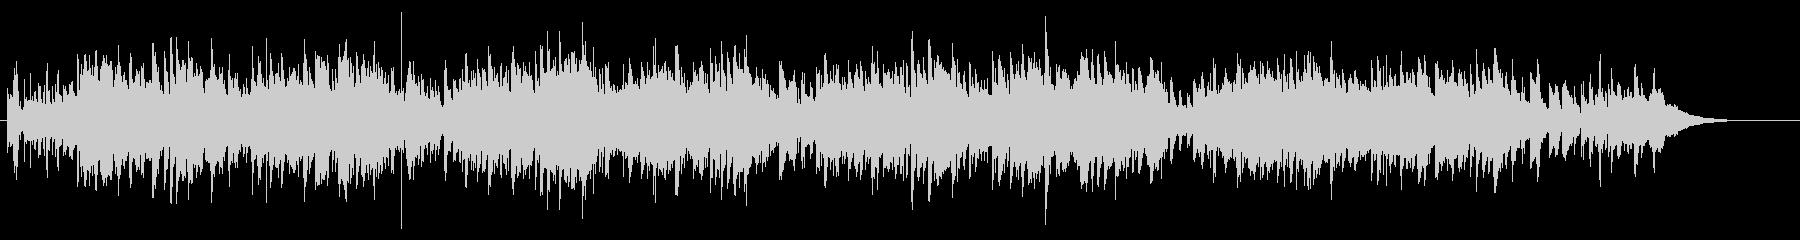 アコギ 軽快なカントリー・ウェスタン調の未再生の波形